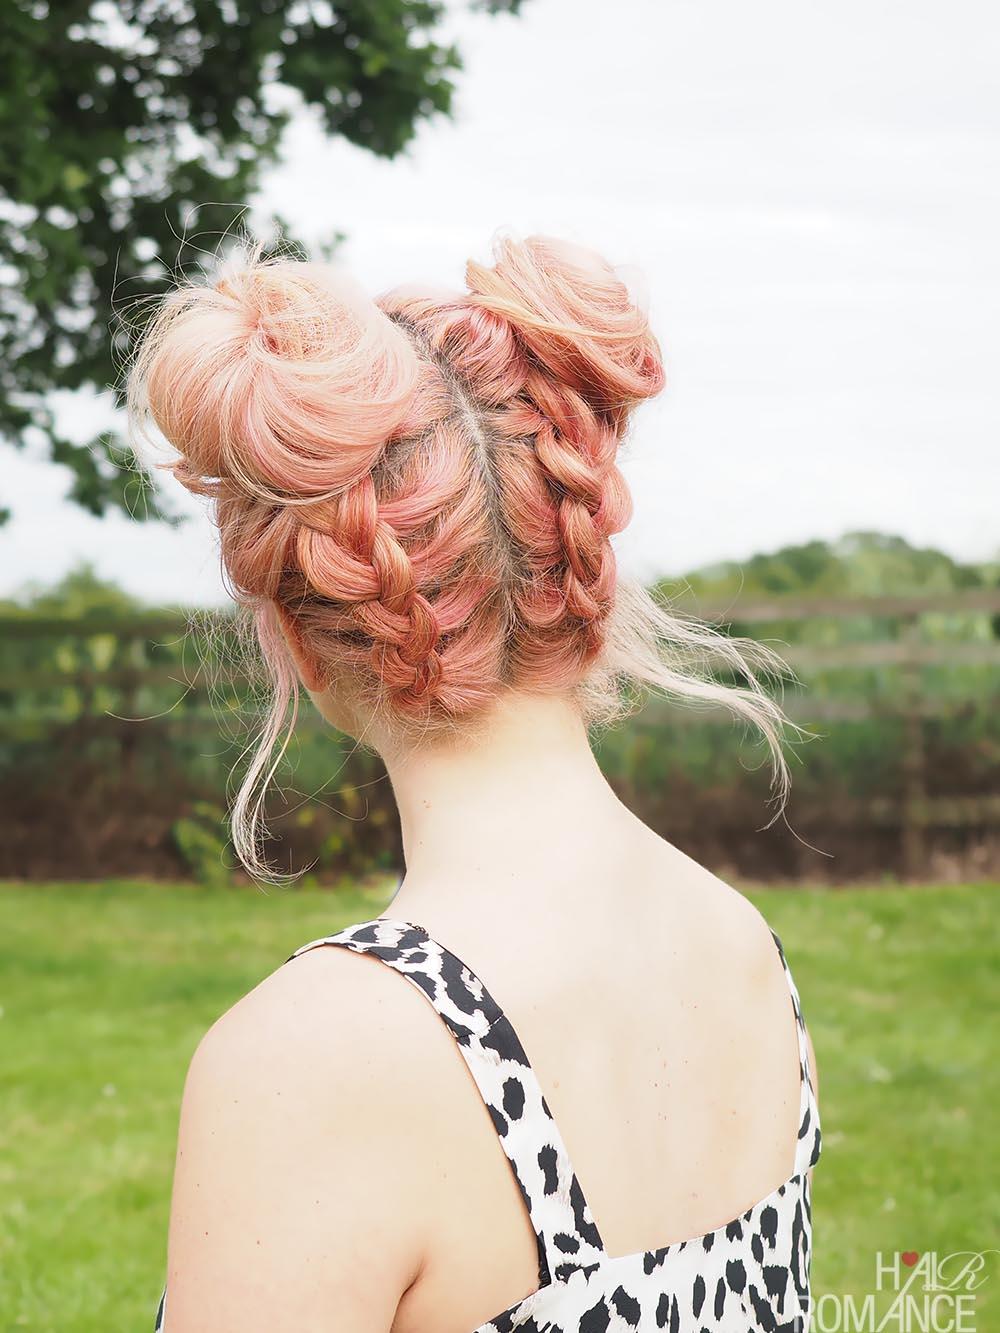 Diy Braided Space Buns Tutorial Hair Romance